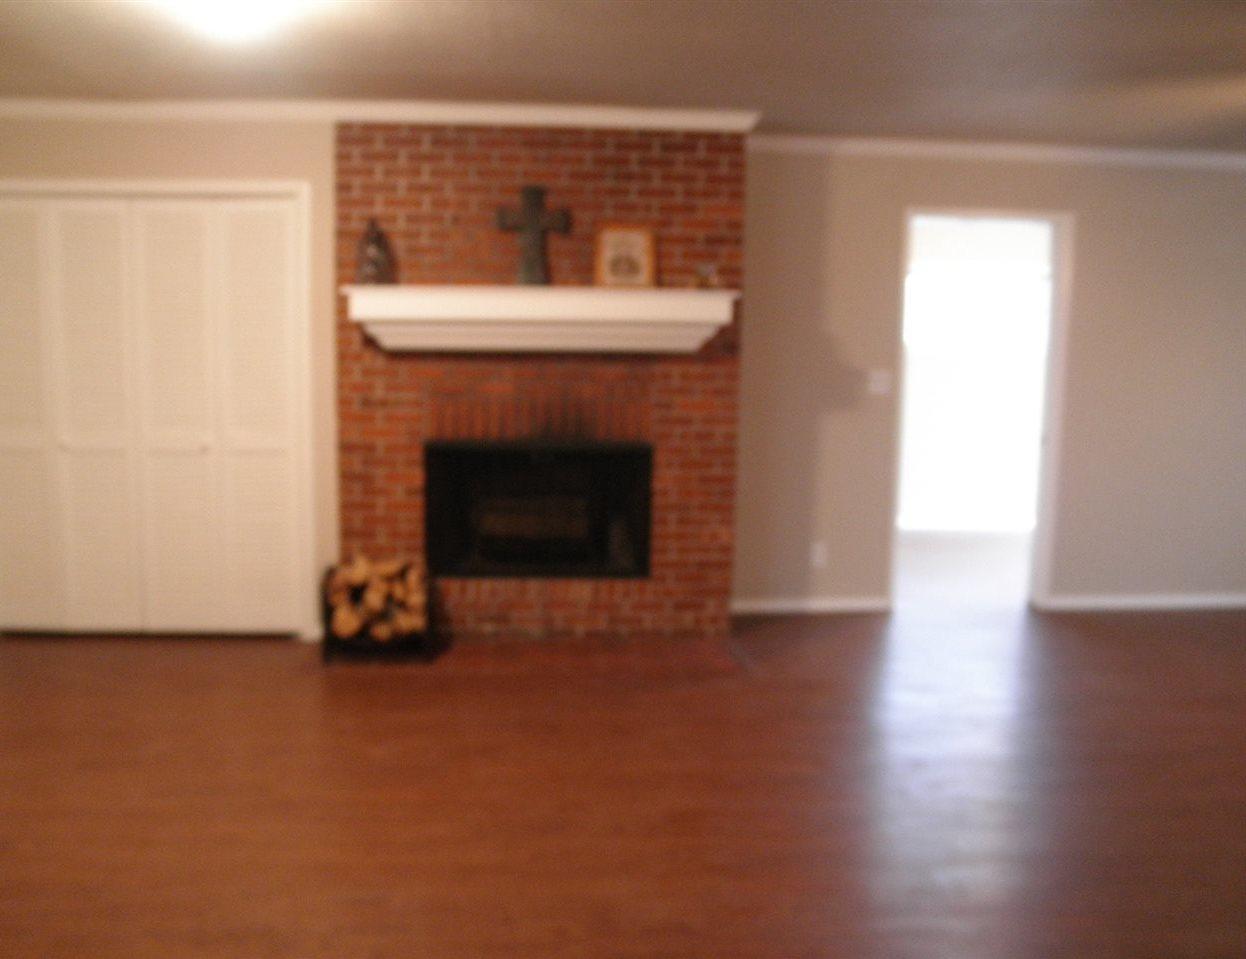 Sold Cross Sale W/ MLS | 1413 El Camino  Ponca City, OK 74604 1